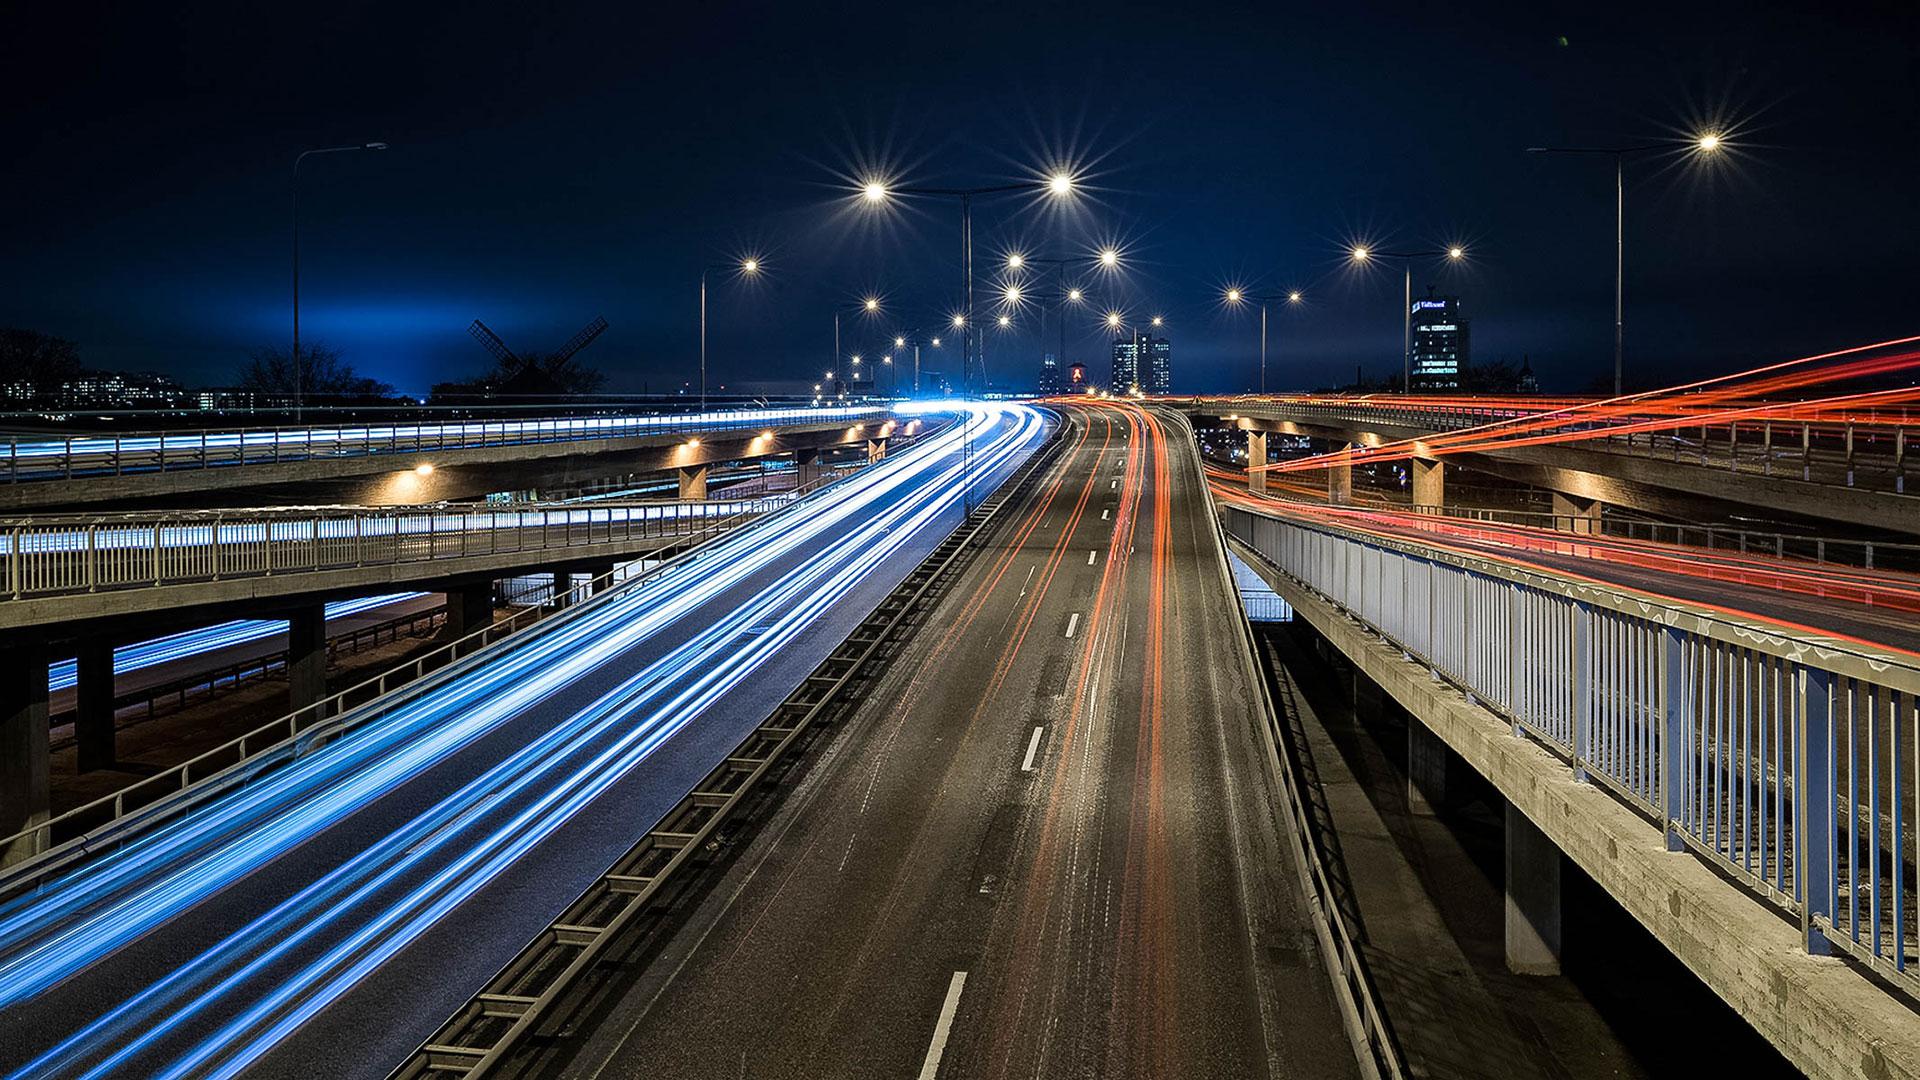 Fotokurs nattfotografering långexponering ljusspår